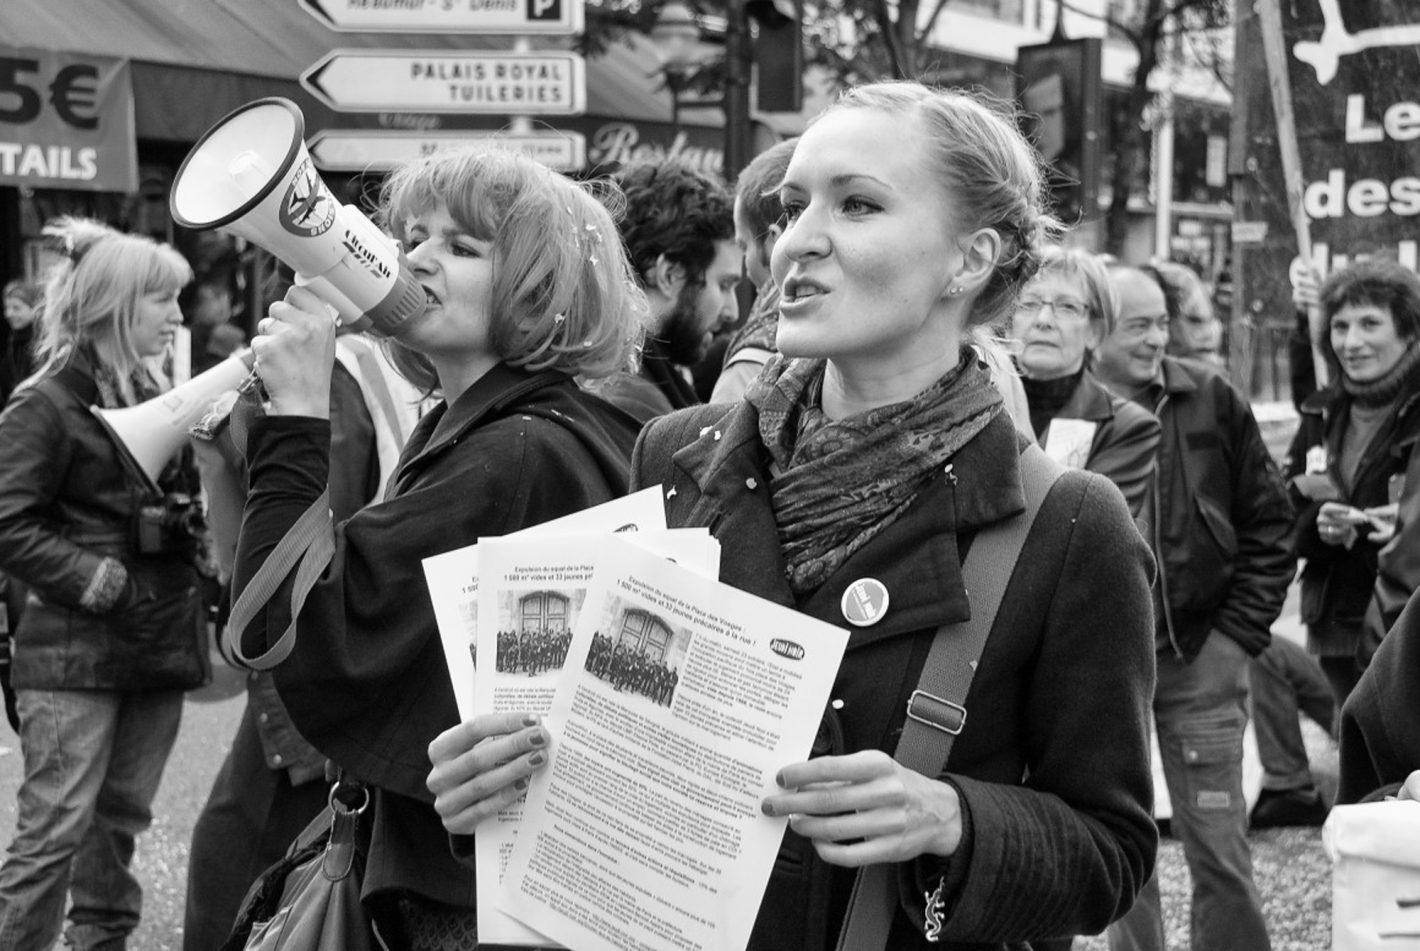 Pascal Delnegro : Femmes citoyennes.